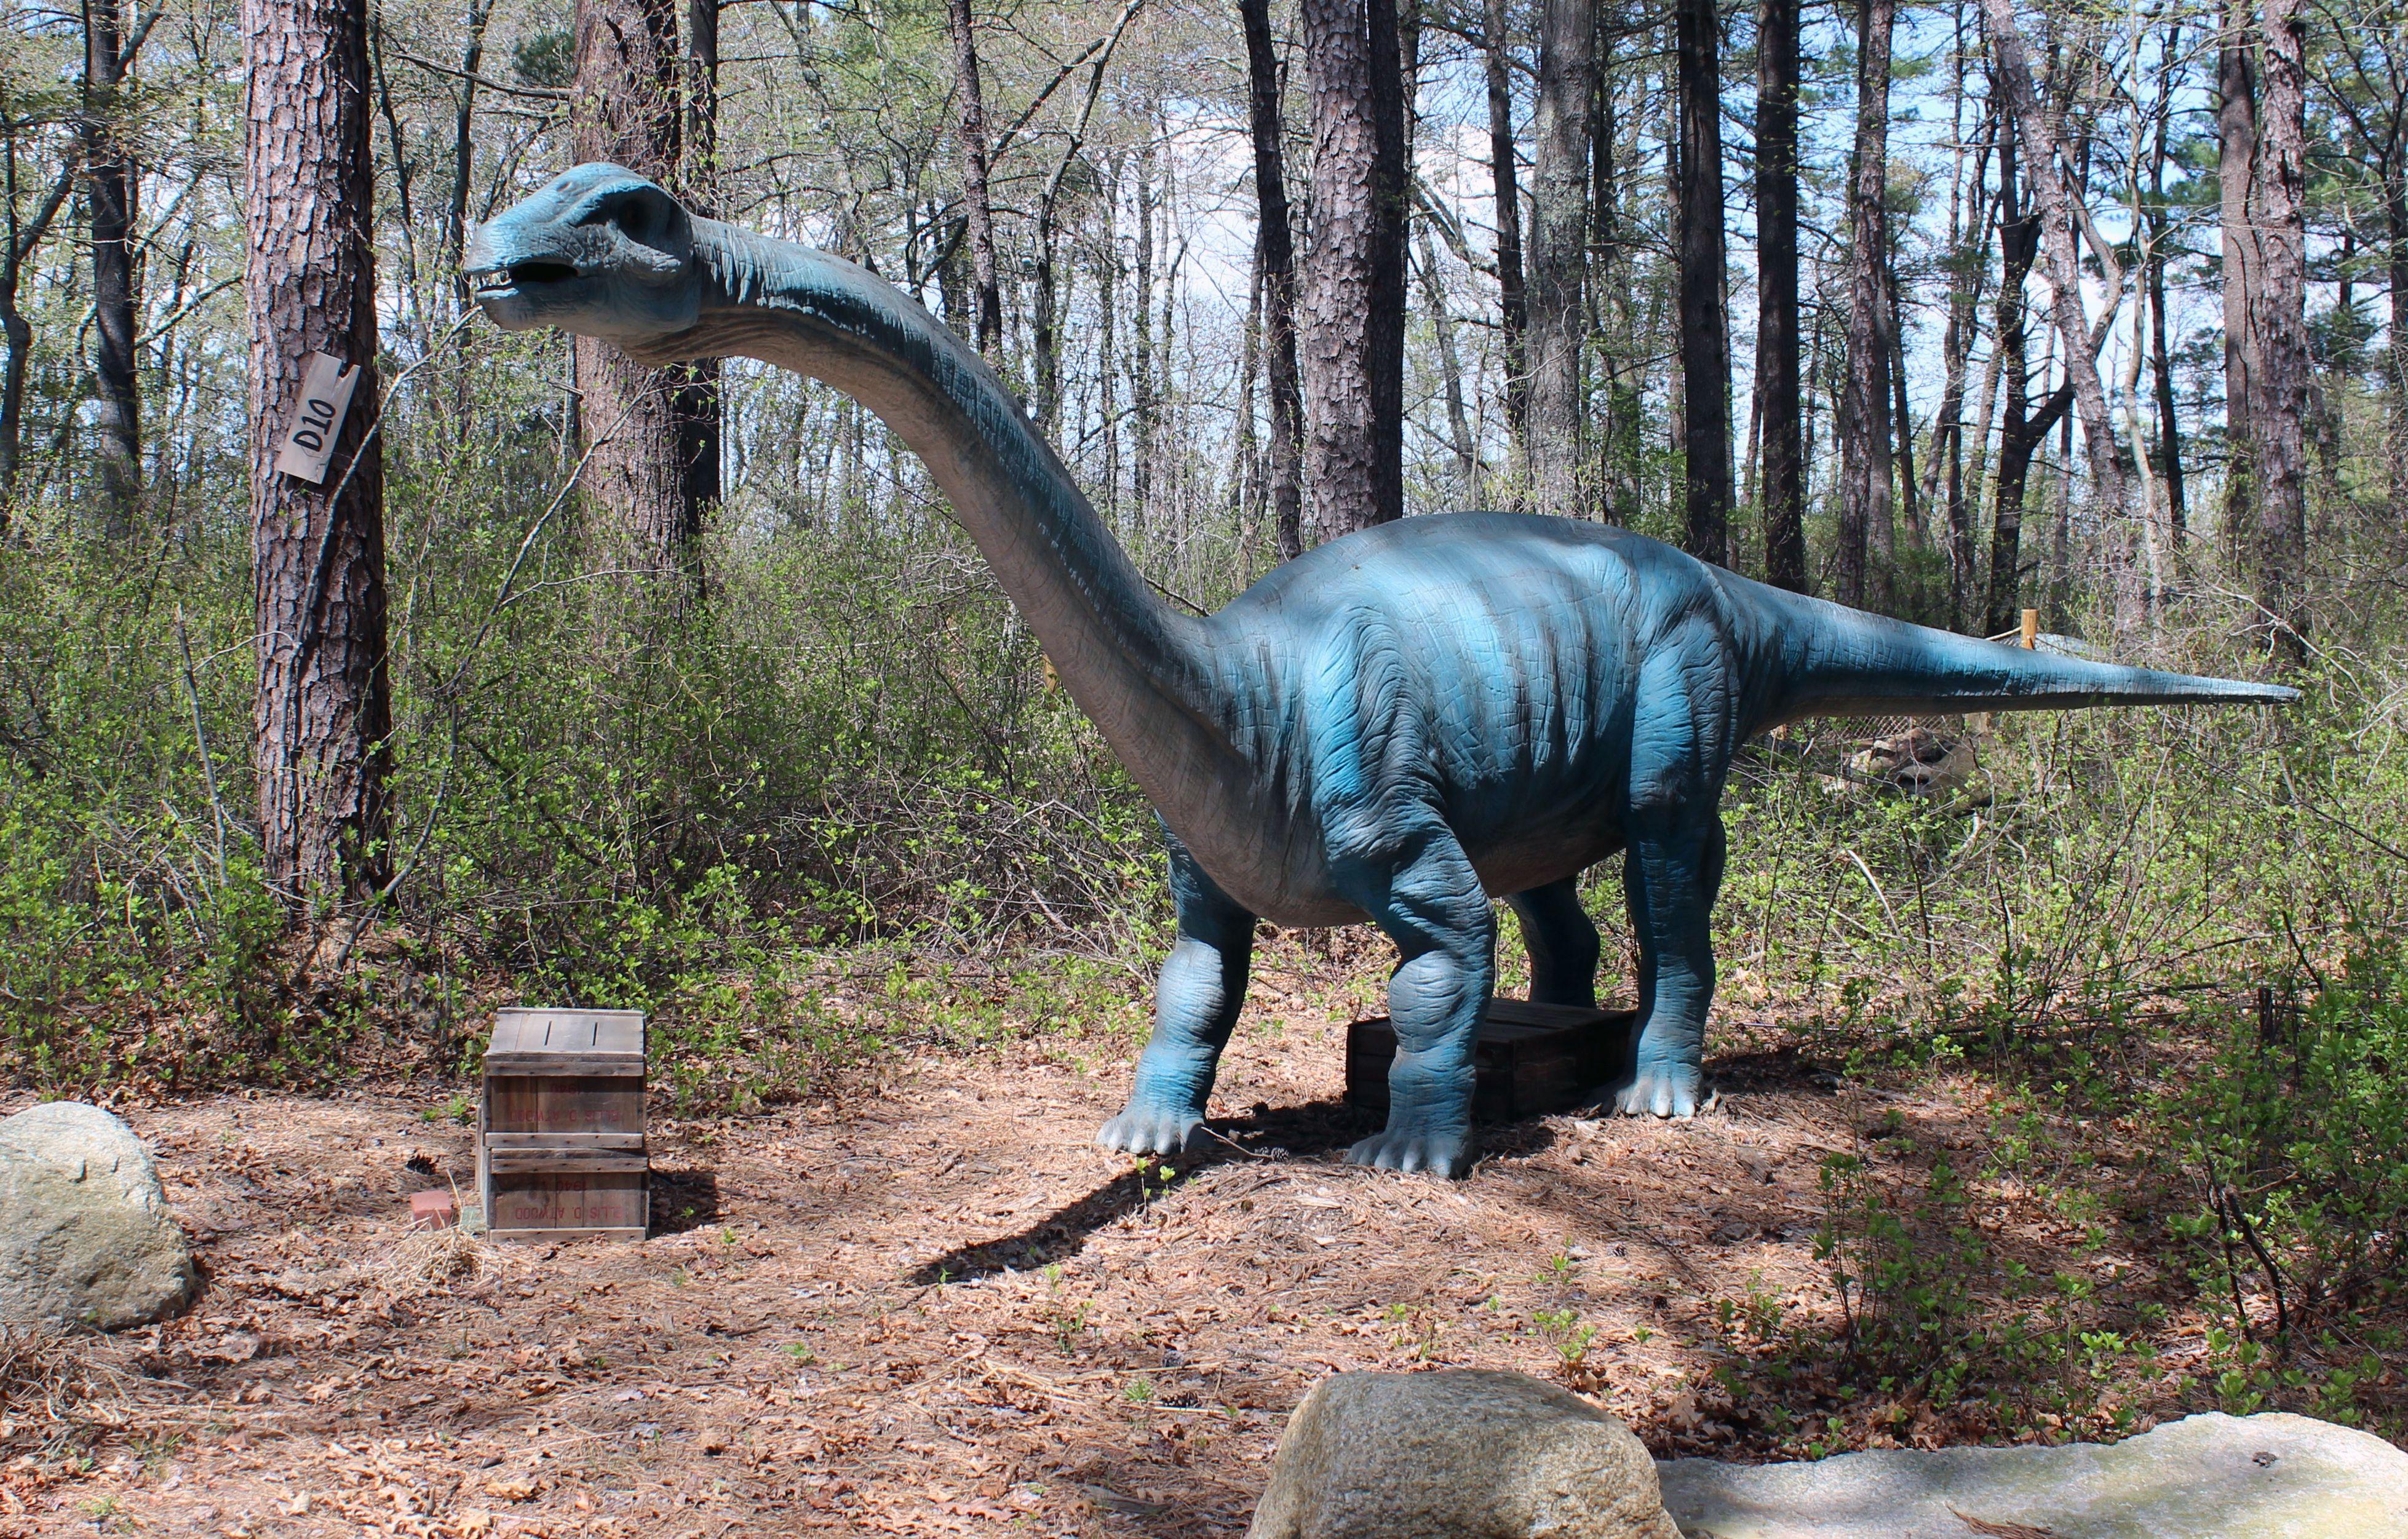 Dinoasur at Edaville U.S.A.